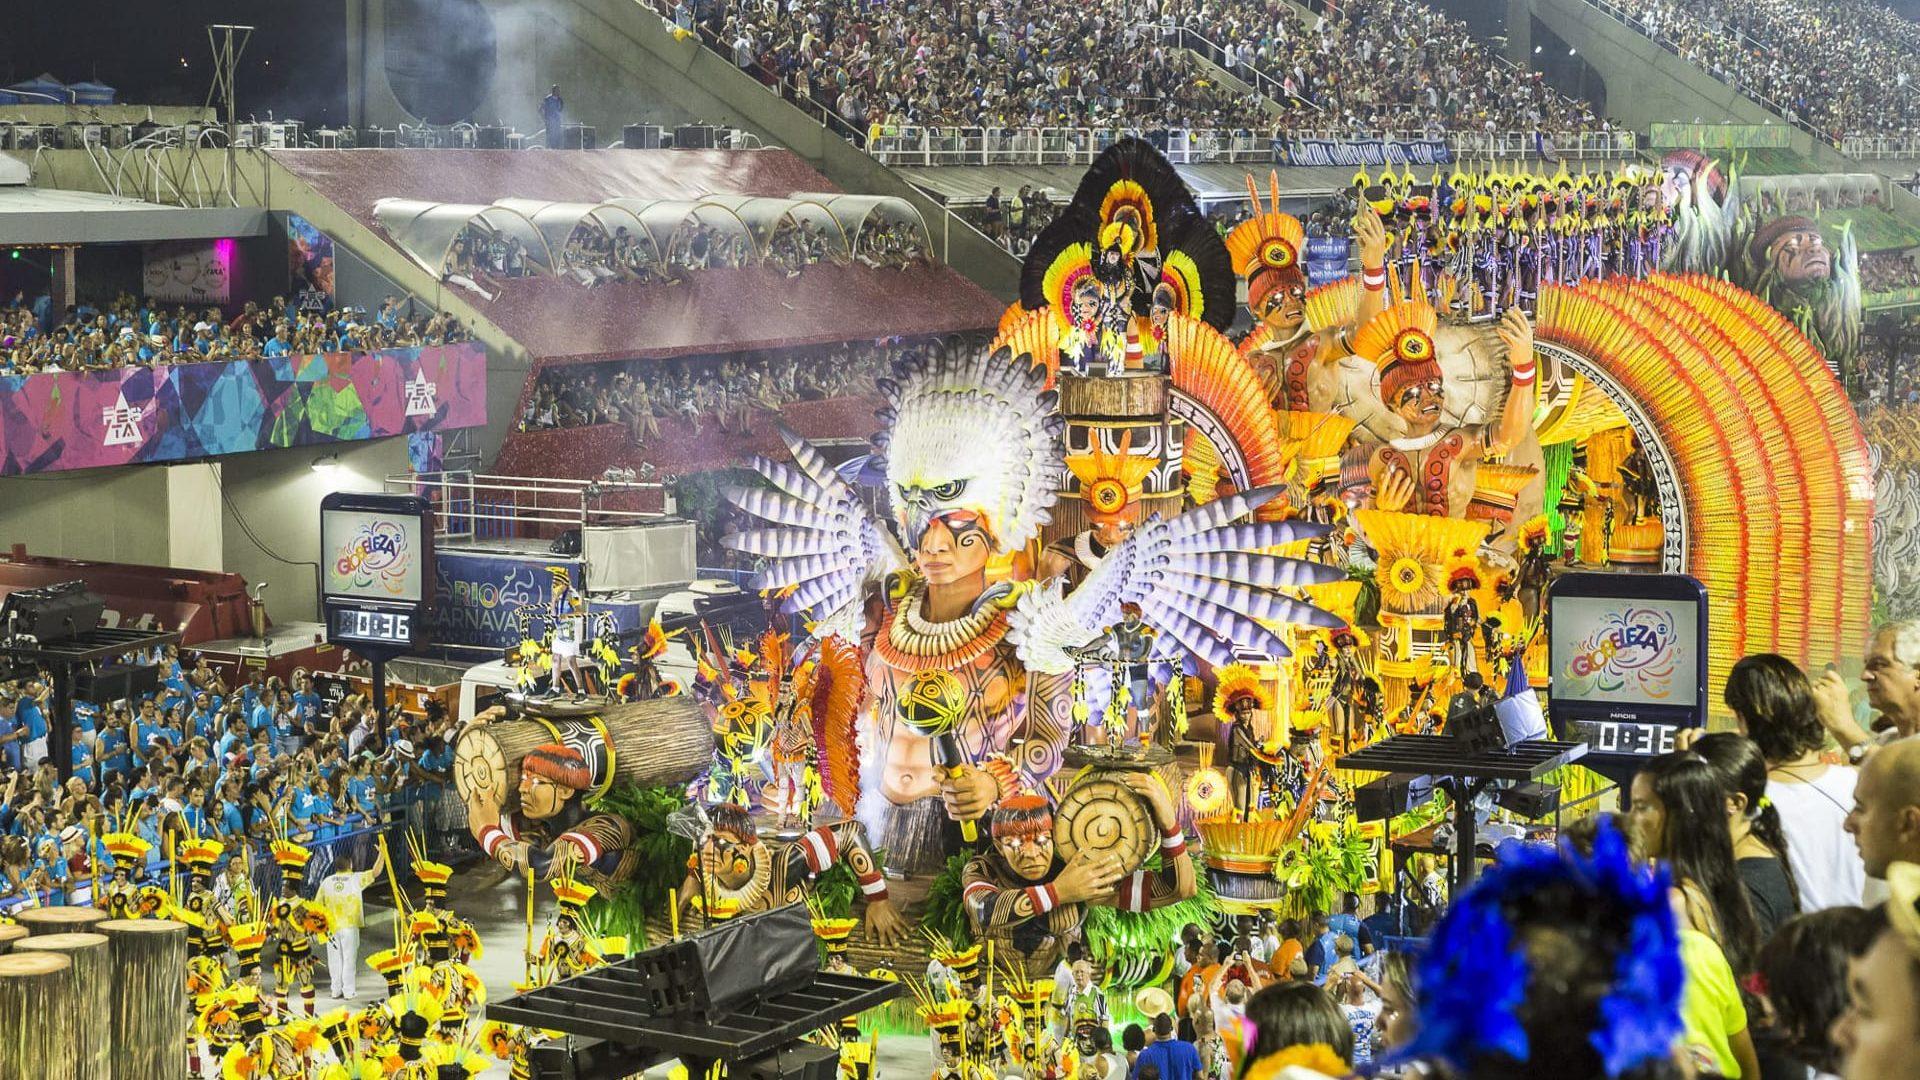 Carnaval Experience in Rio de Janeiro